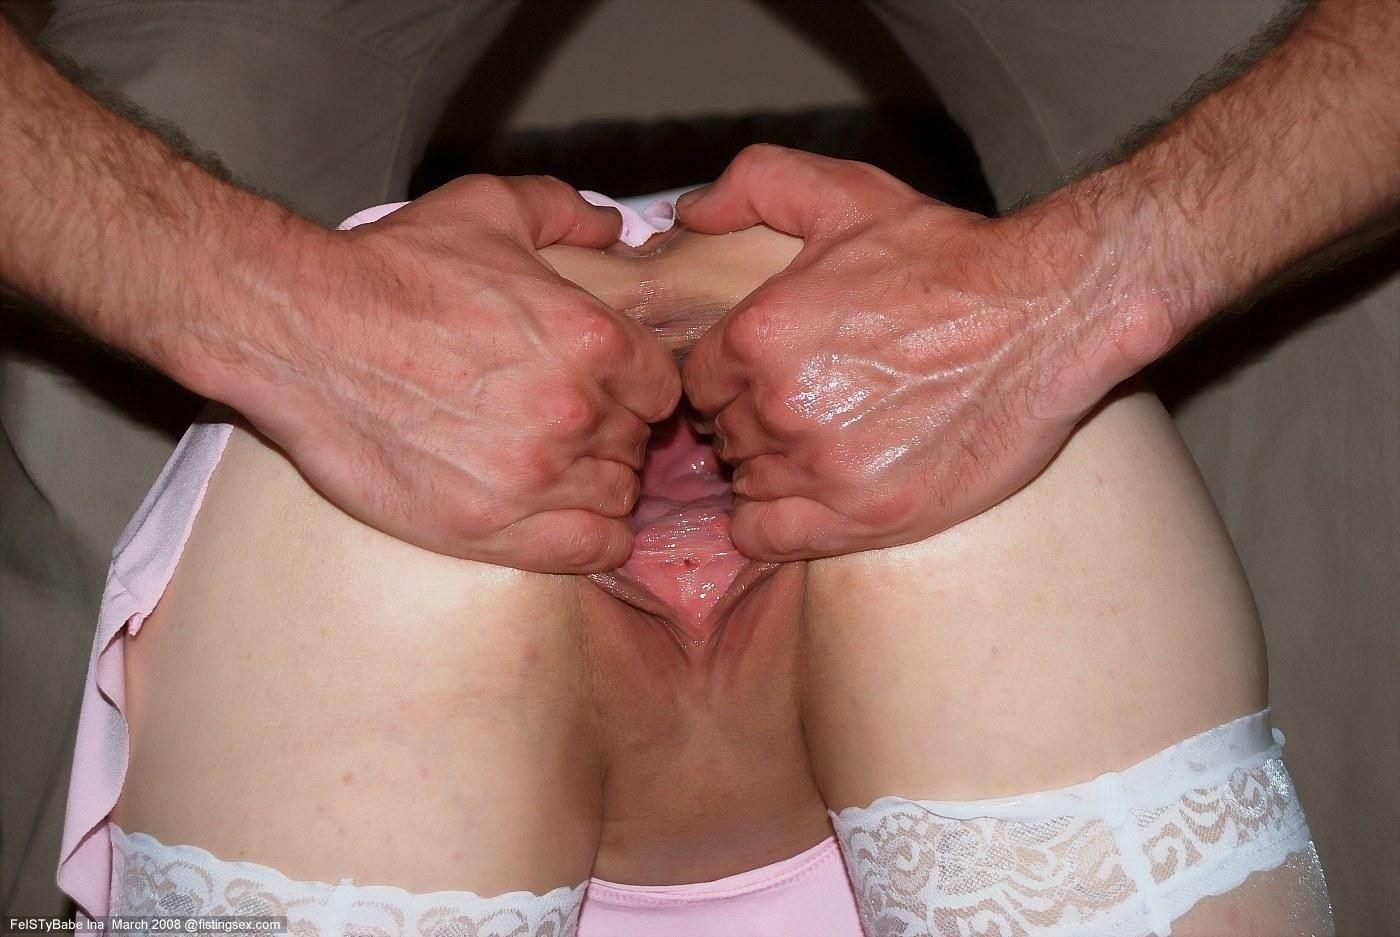 istorii-vaginalnogo-seksa